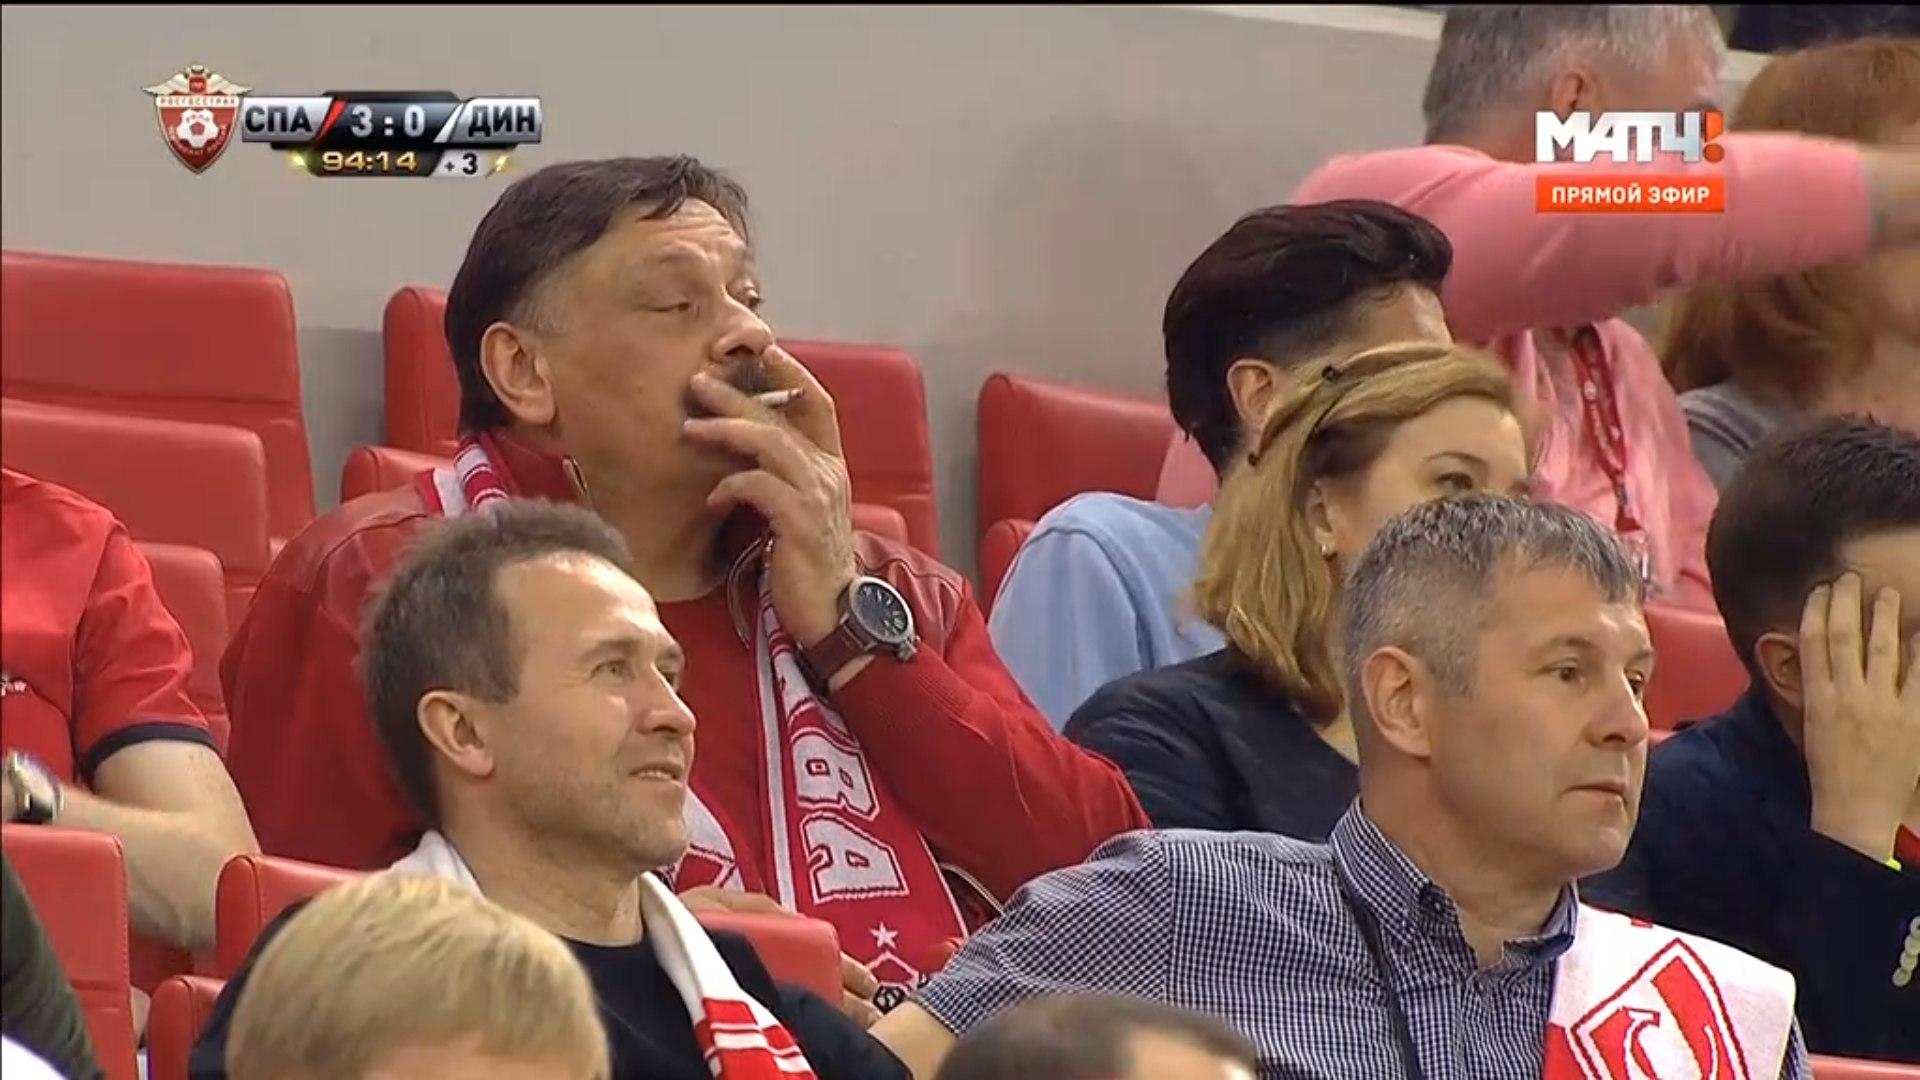 дмитрий назаров актер кухня болельщик спартака курит на стадионе